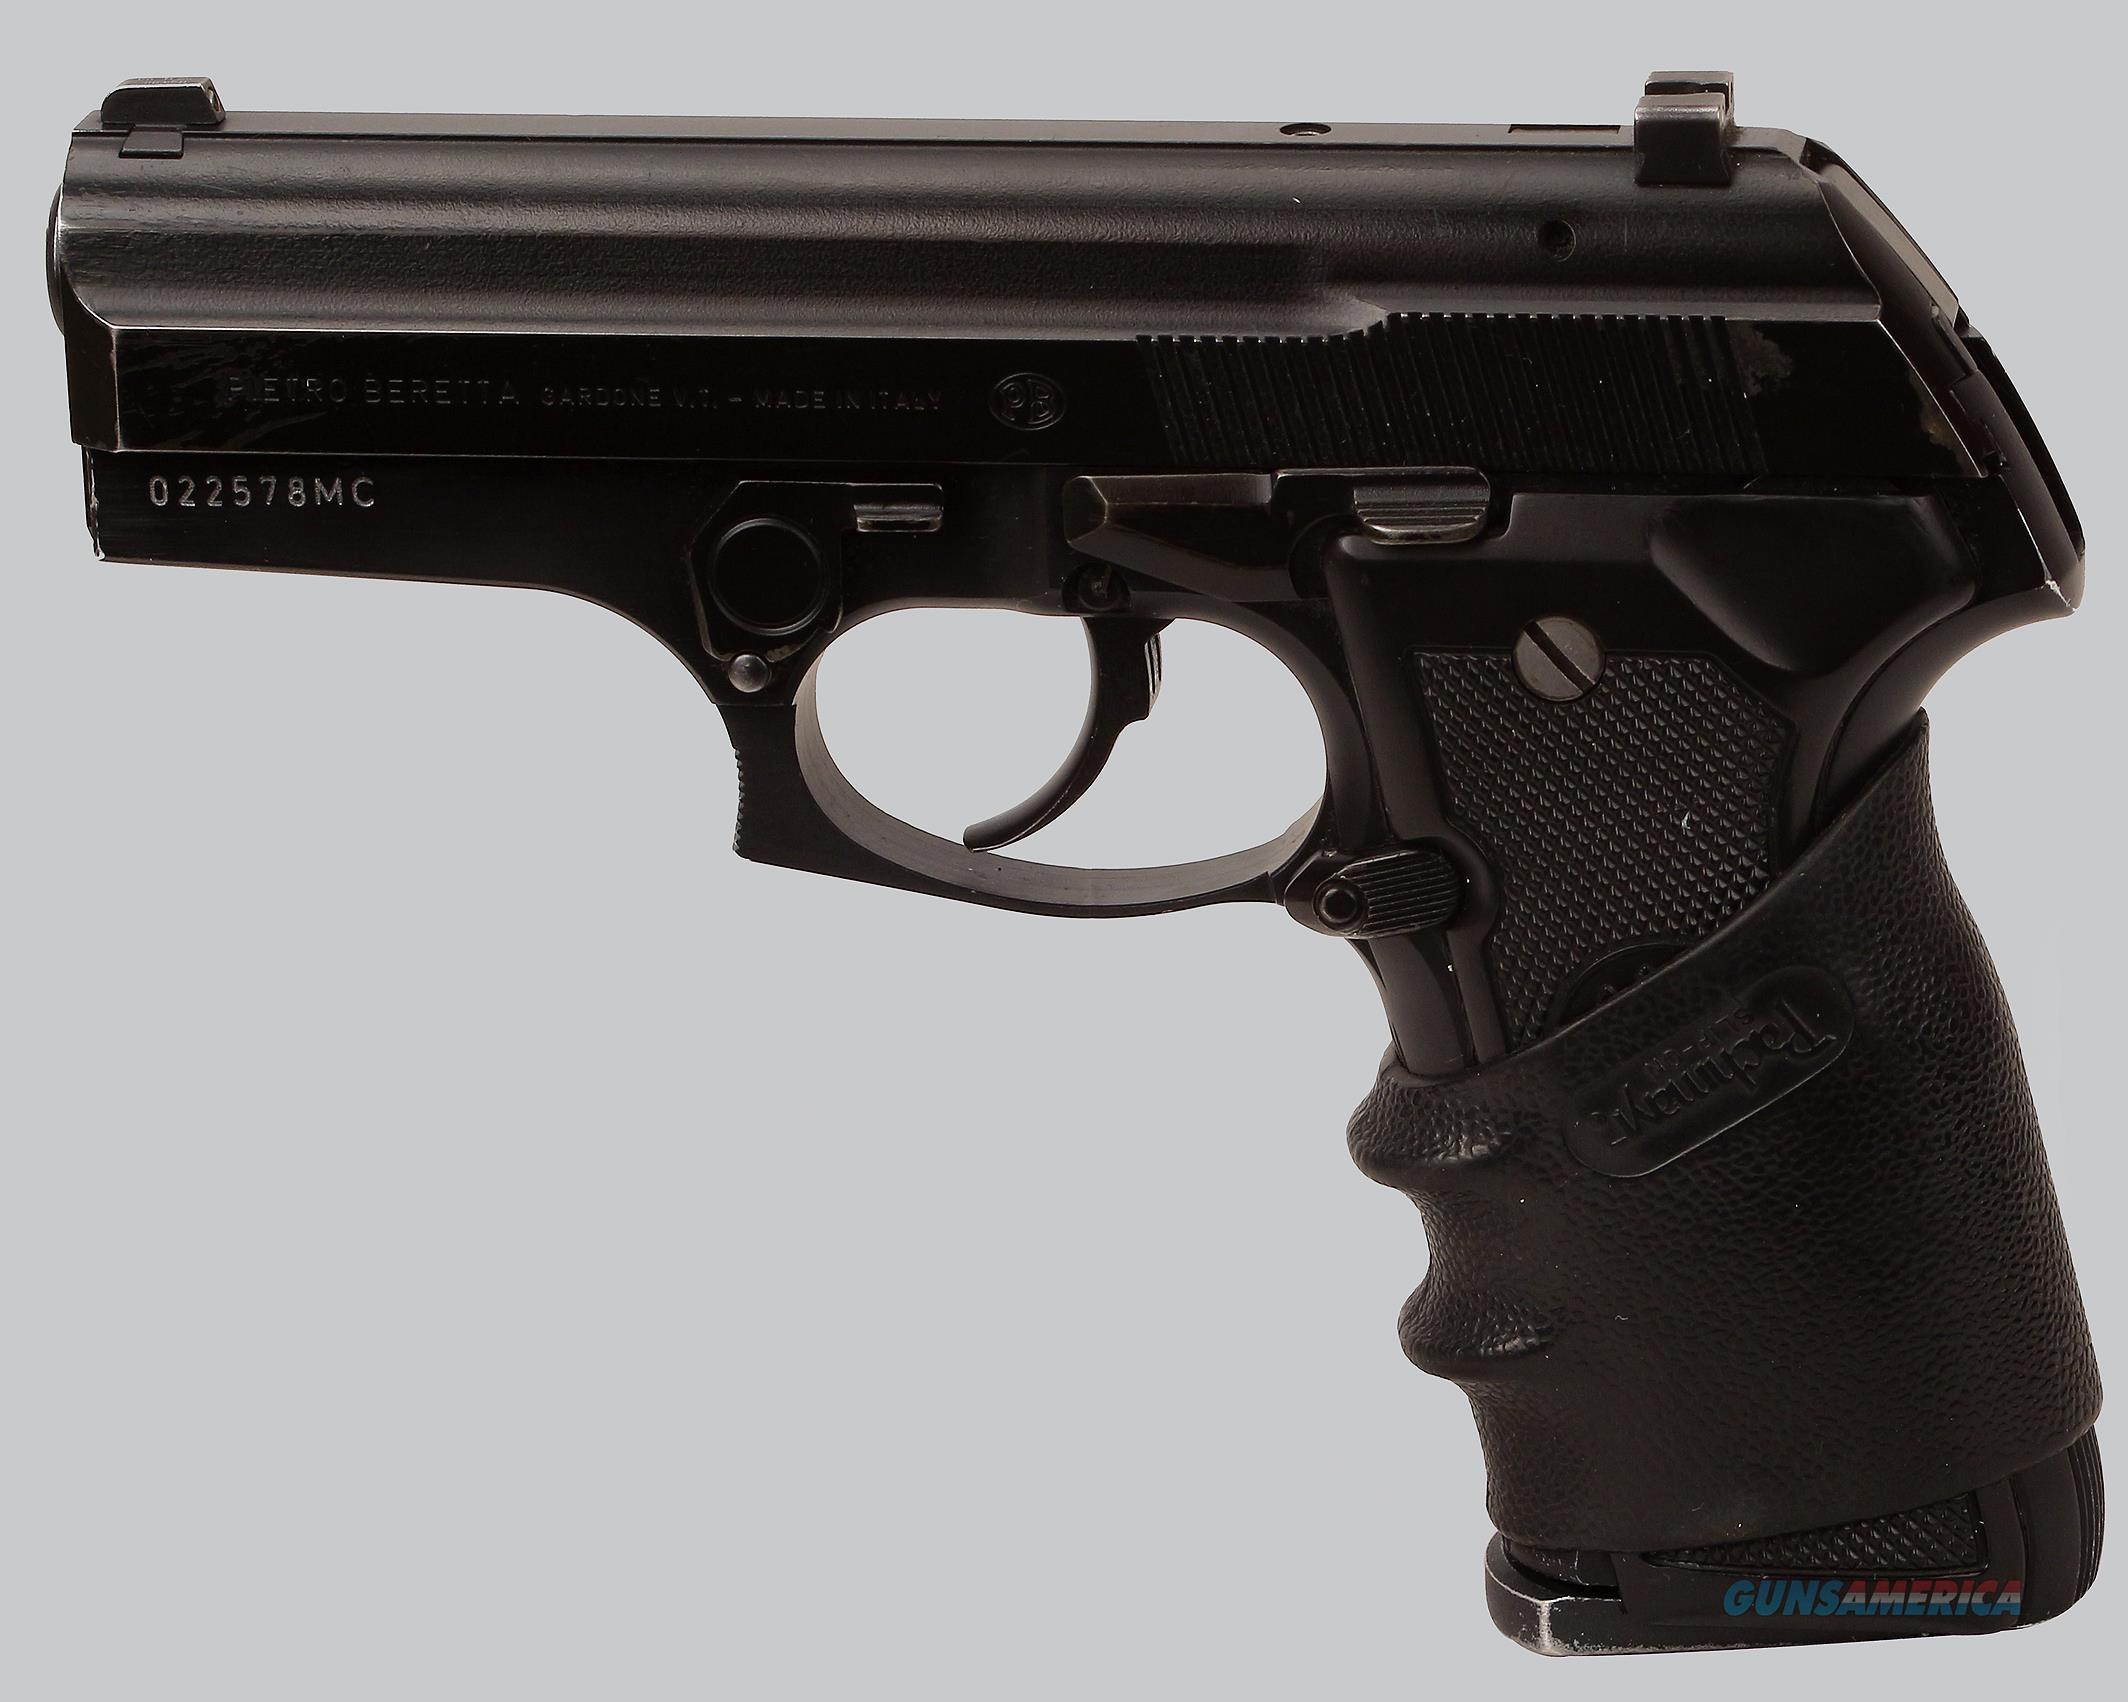 Beretta Model 8000 9mm Pistol  Guns > Pistols > Beretta Pistols > Model 92 Series